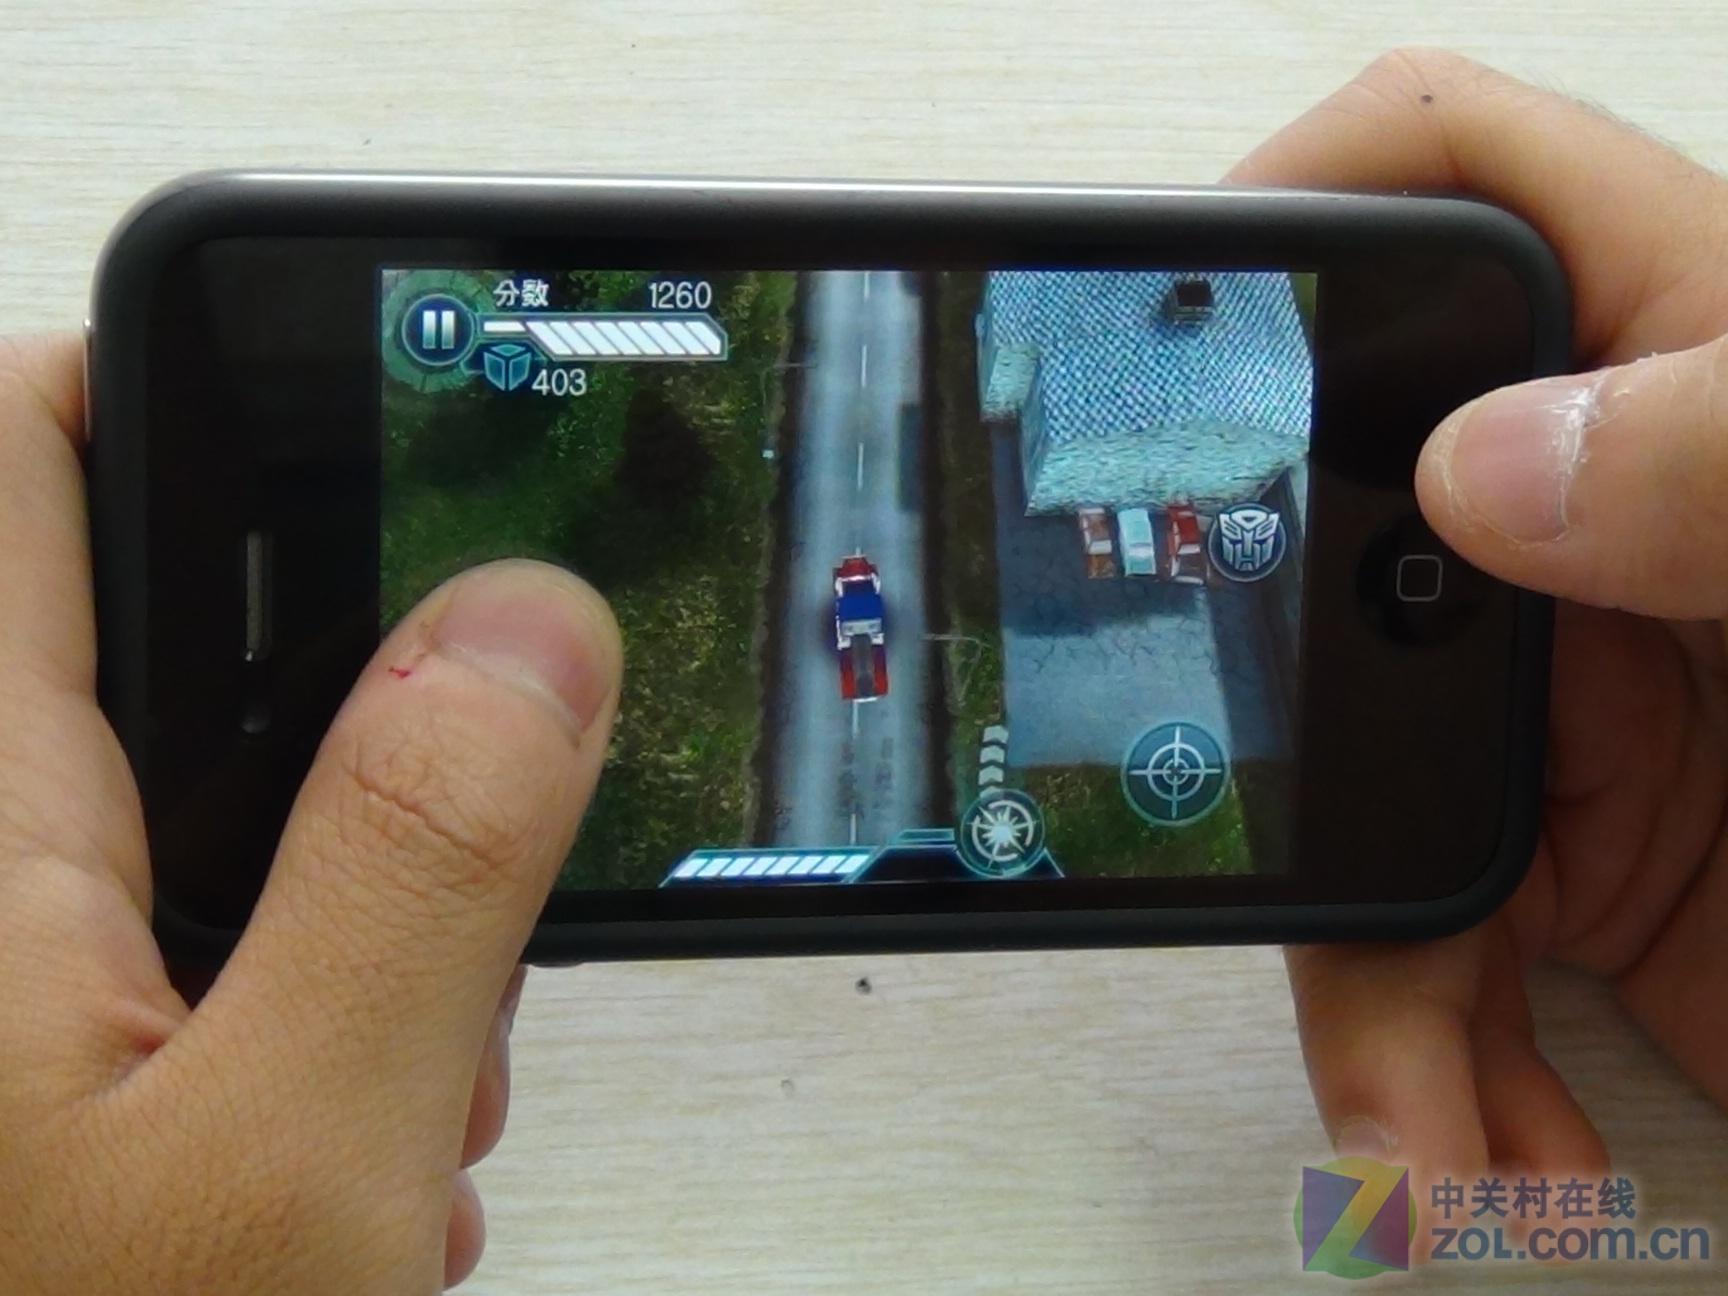 【原始大图】大葱玩手机:变形金刚3预热手机这样玩图片欣赏-ZOL中关村在线